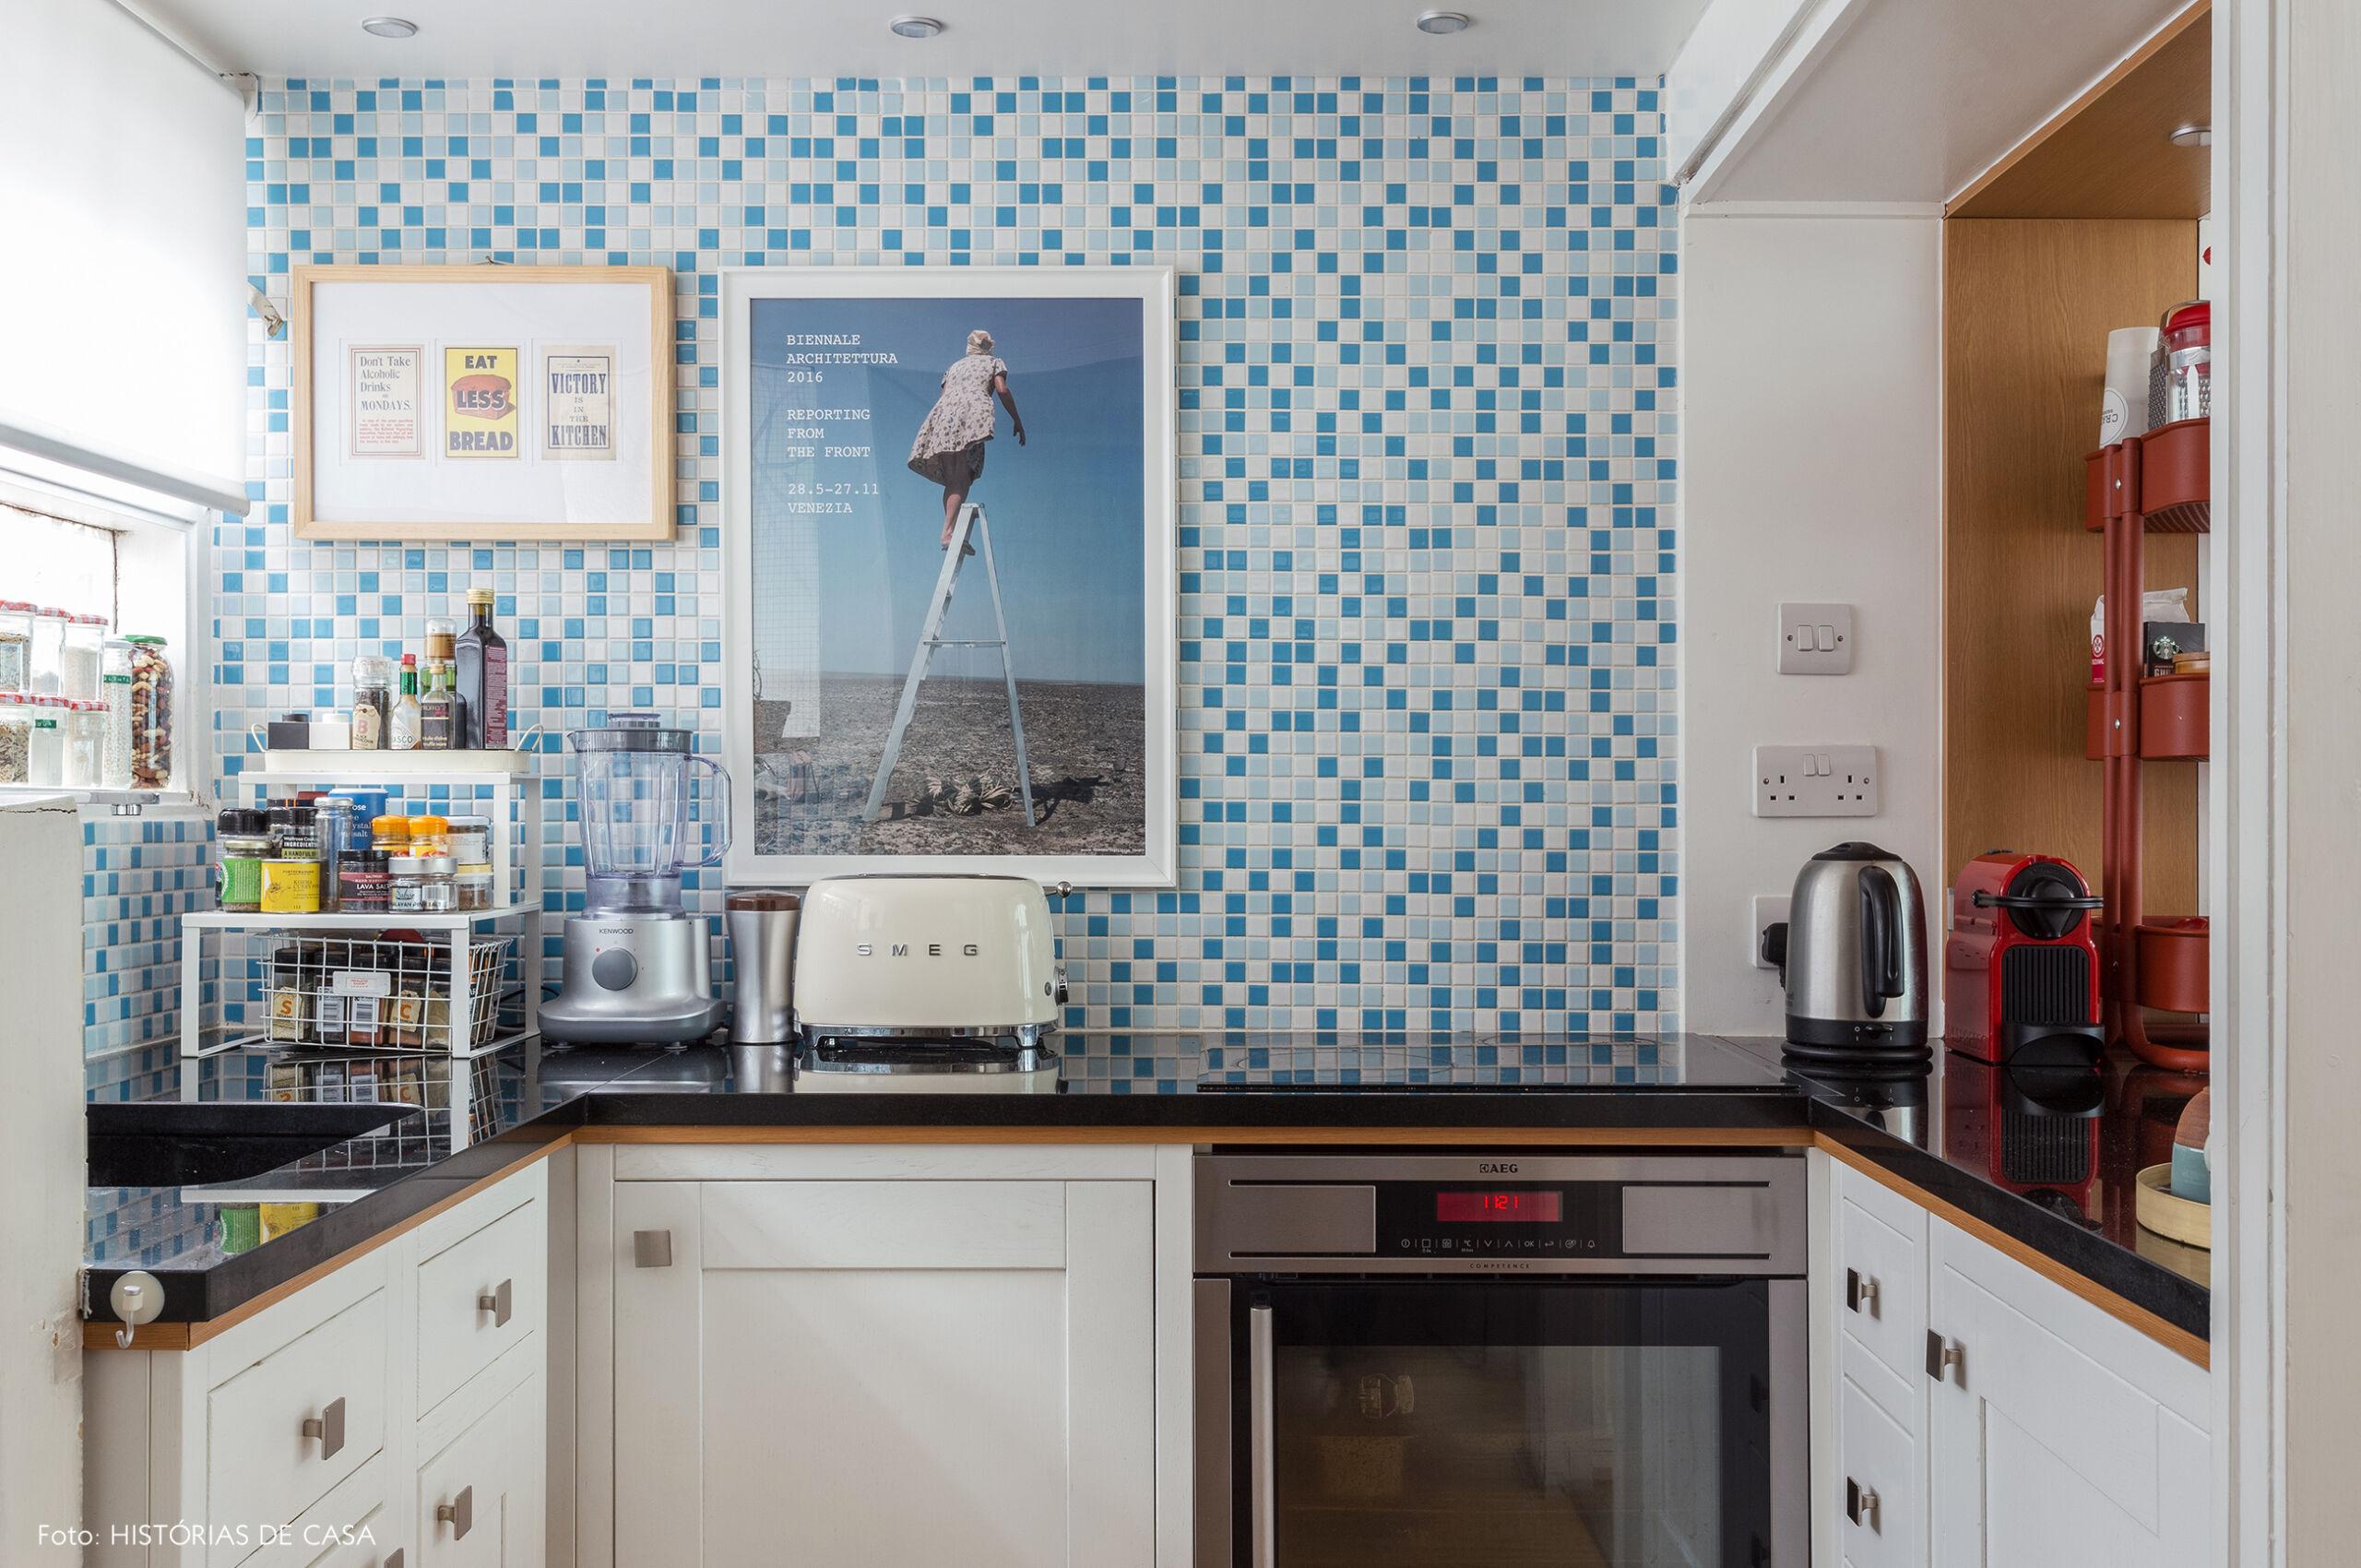 19-decoracao-apartamento-cozinha-pequena-pastilhas-azuis